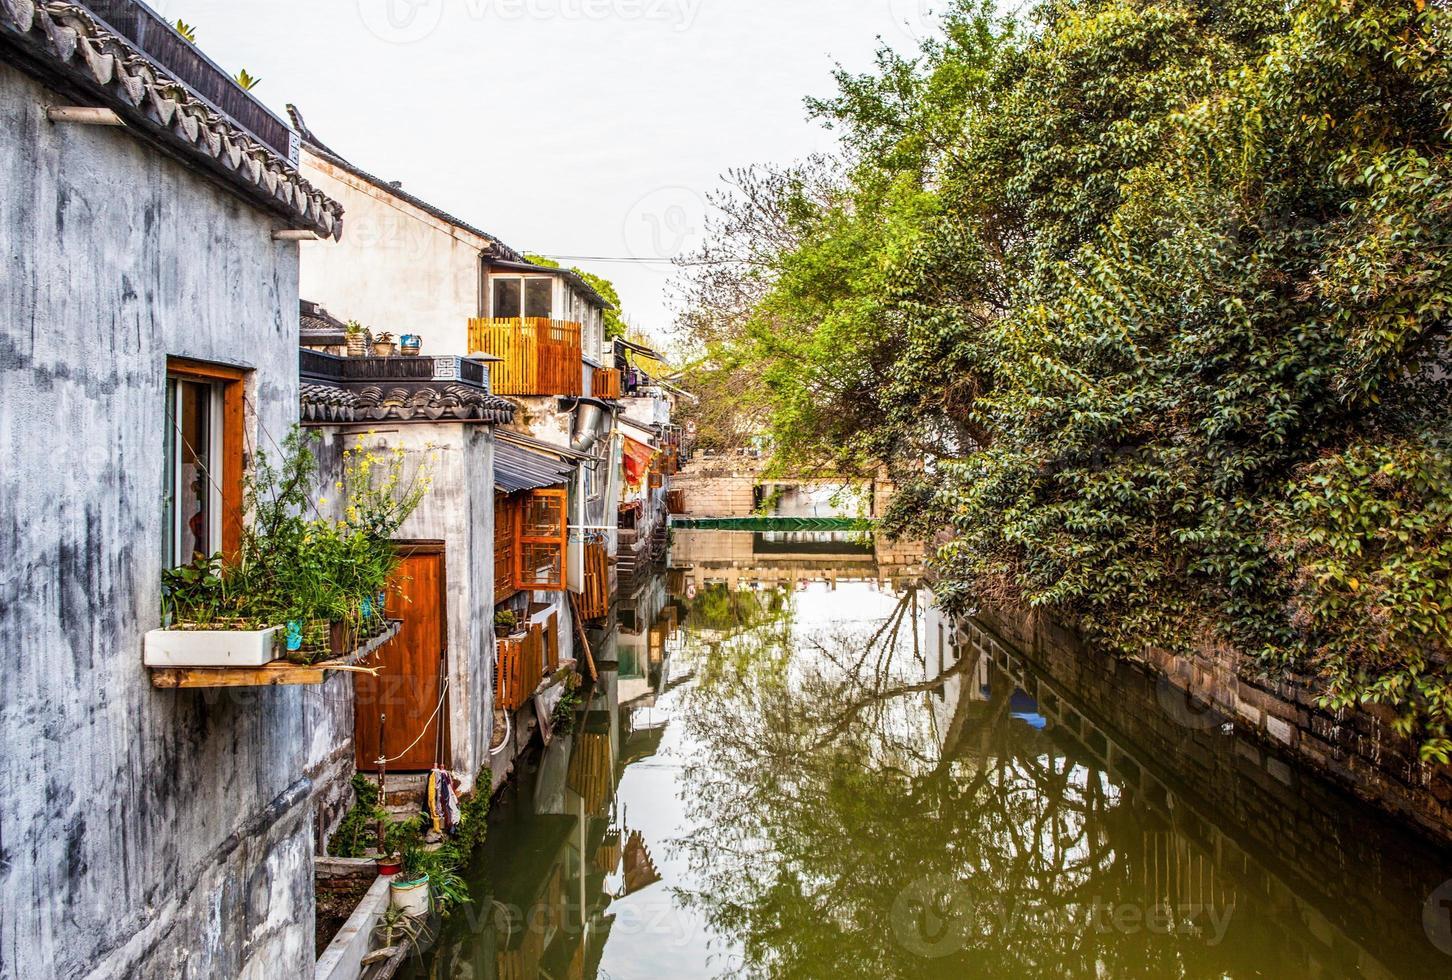 casas y canales populares de suzhou foto